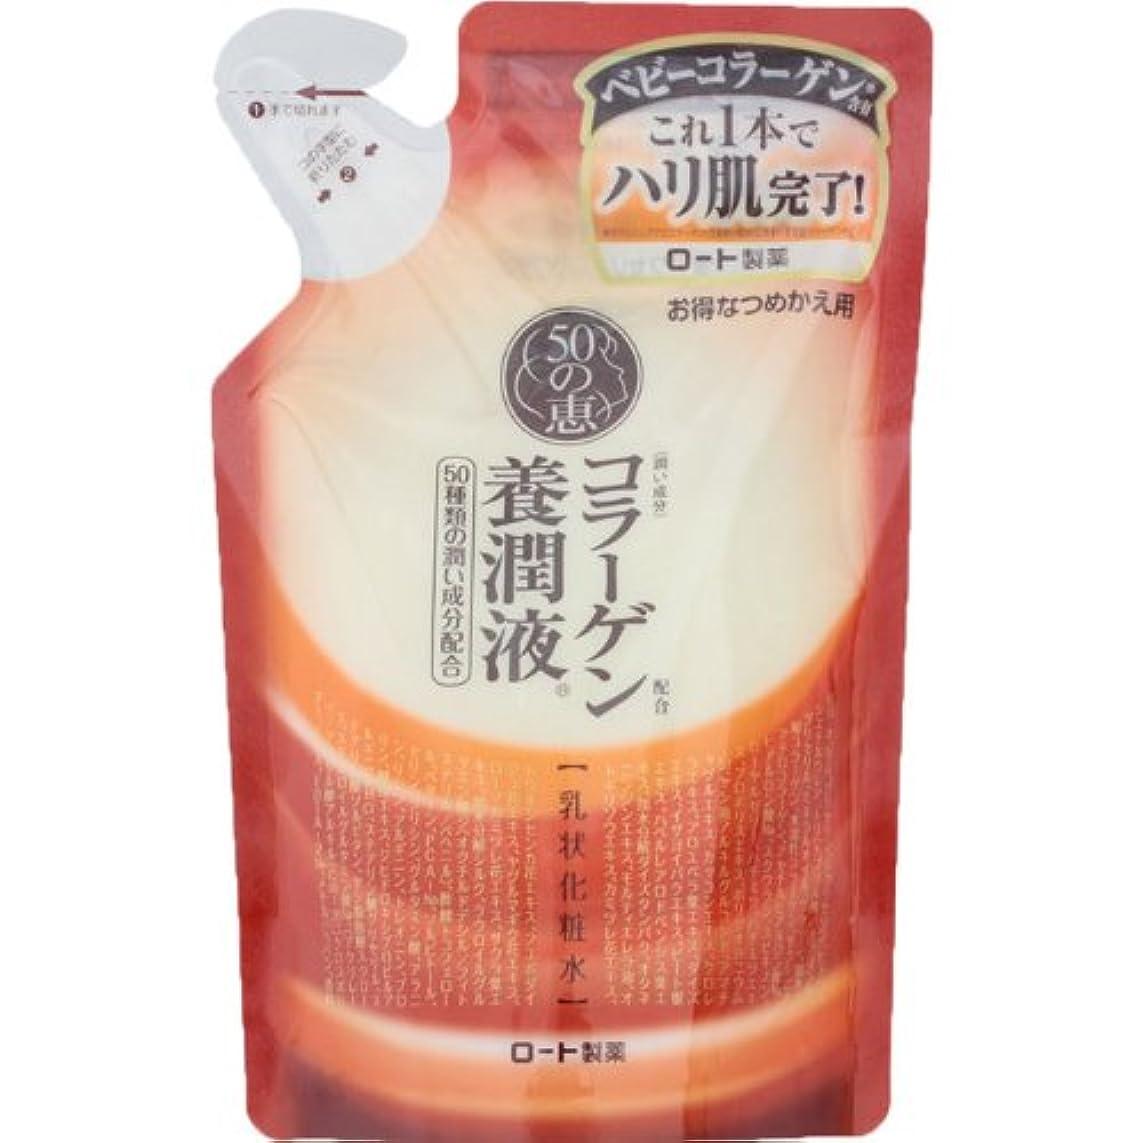 松買うオーナーロート製薬 50の恵エイジングケア 養潤成分50種類配合 養潤液 オールインワン 詰替用 200mL